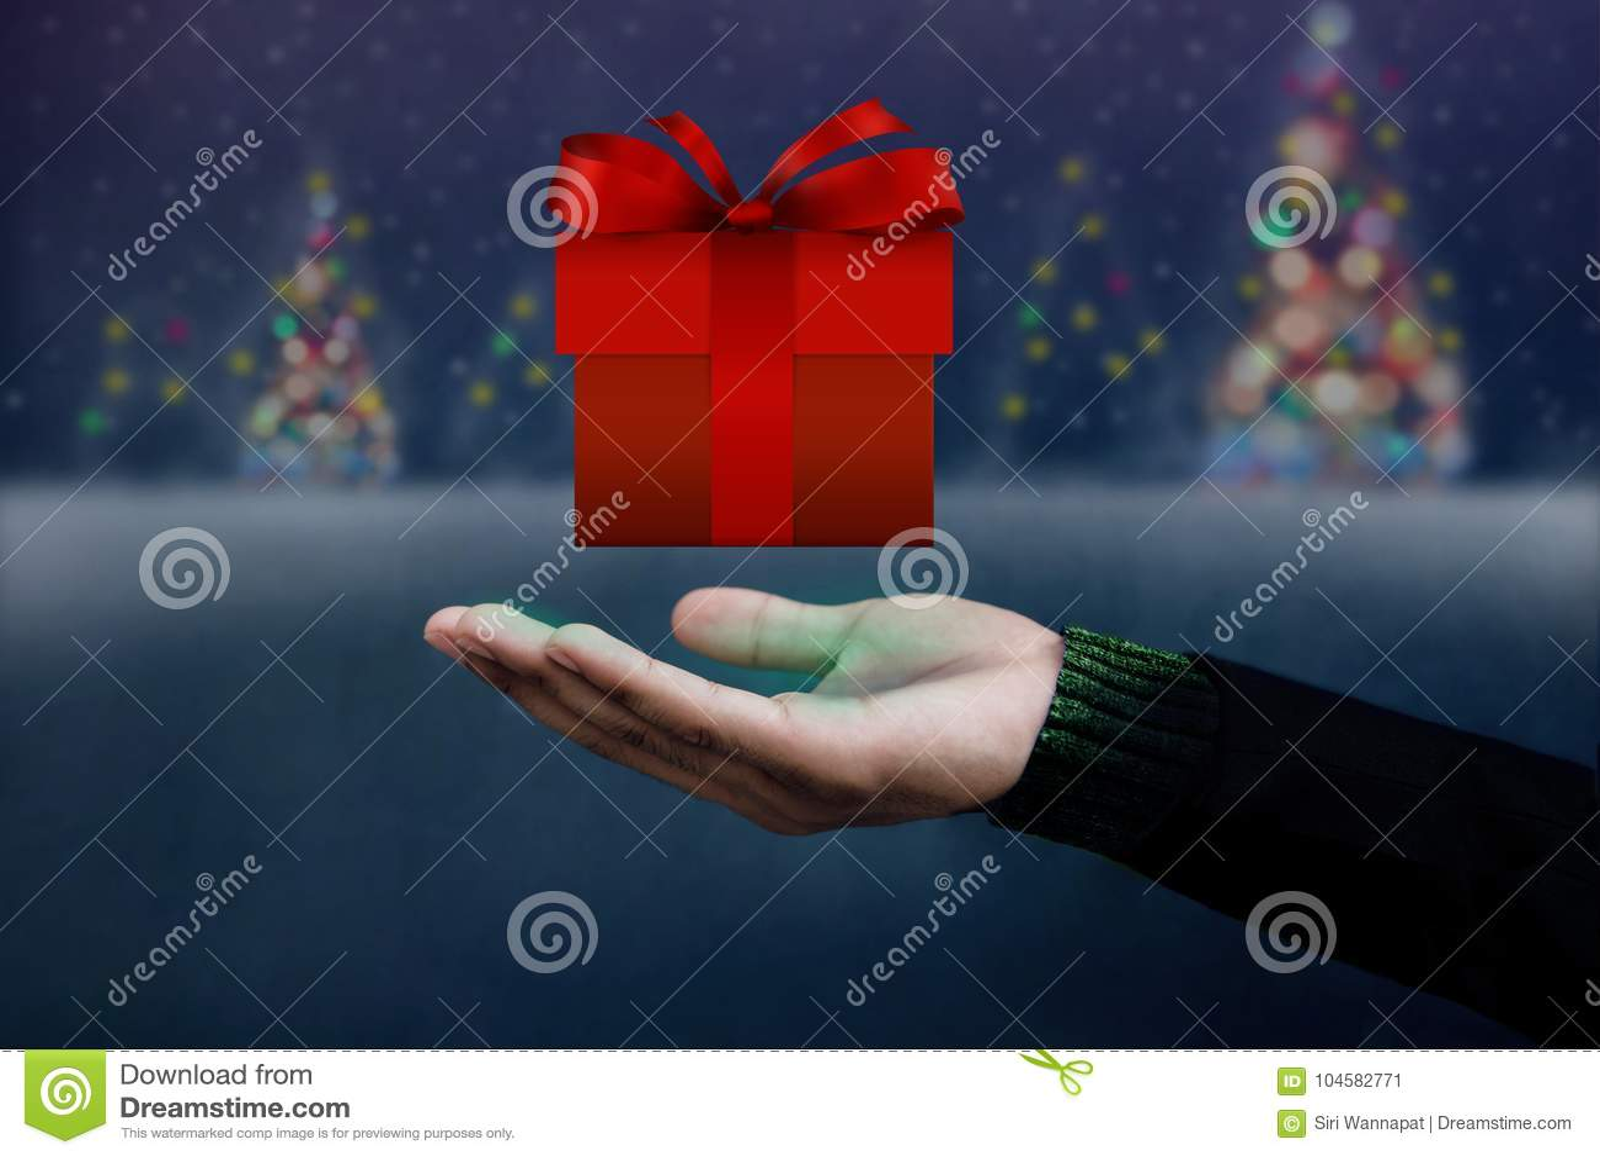 Weihnachts-und Neues Jahr-Konzept, Hand öffnete Sich, Um Ein Rotes ...